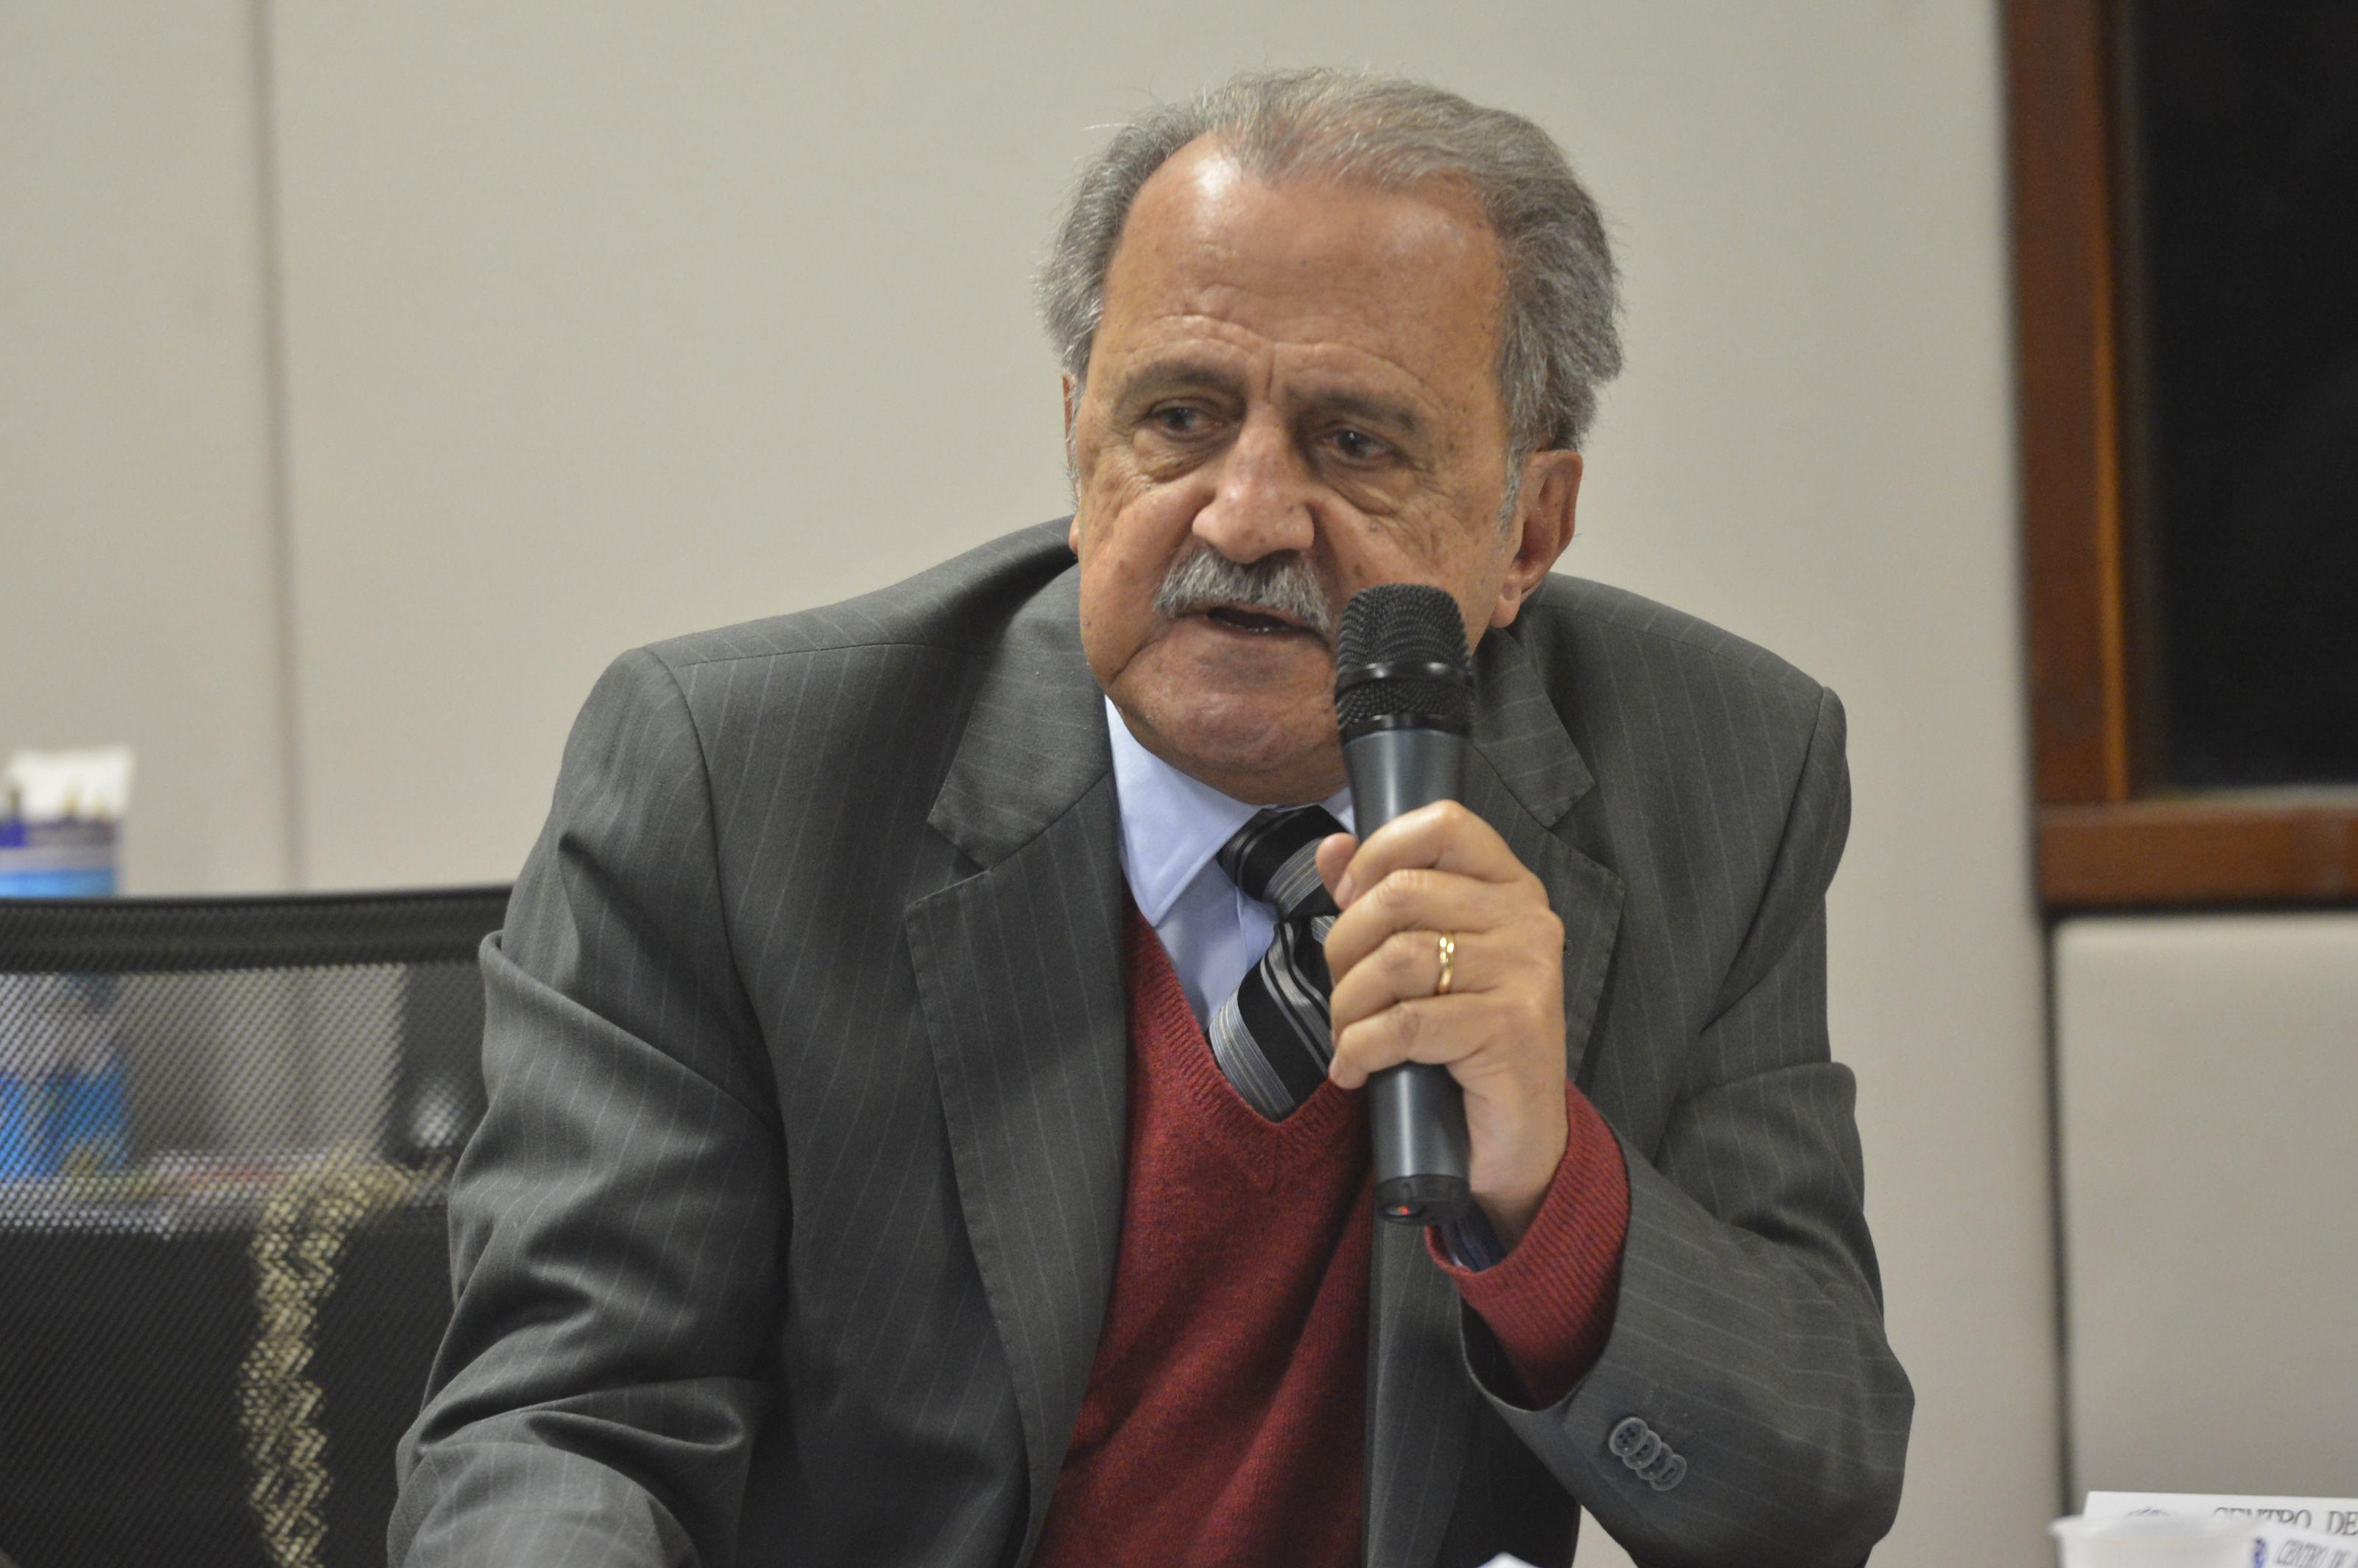 Veja o que saiu no Migalhas sobre Paulo Roberto Haddad